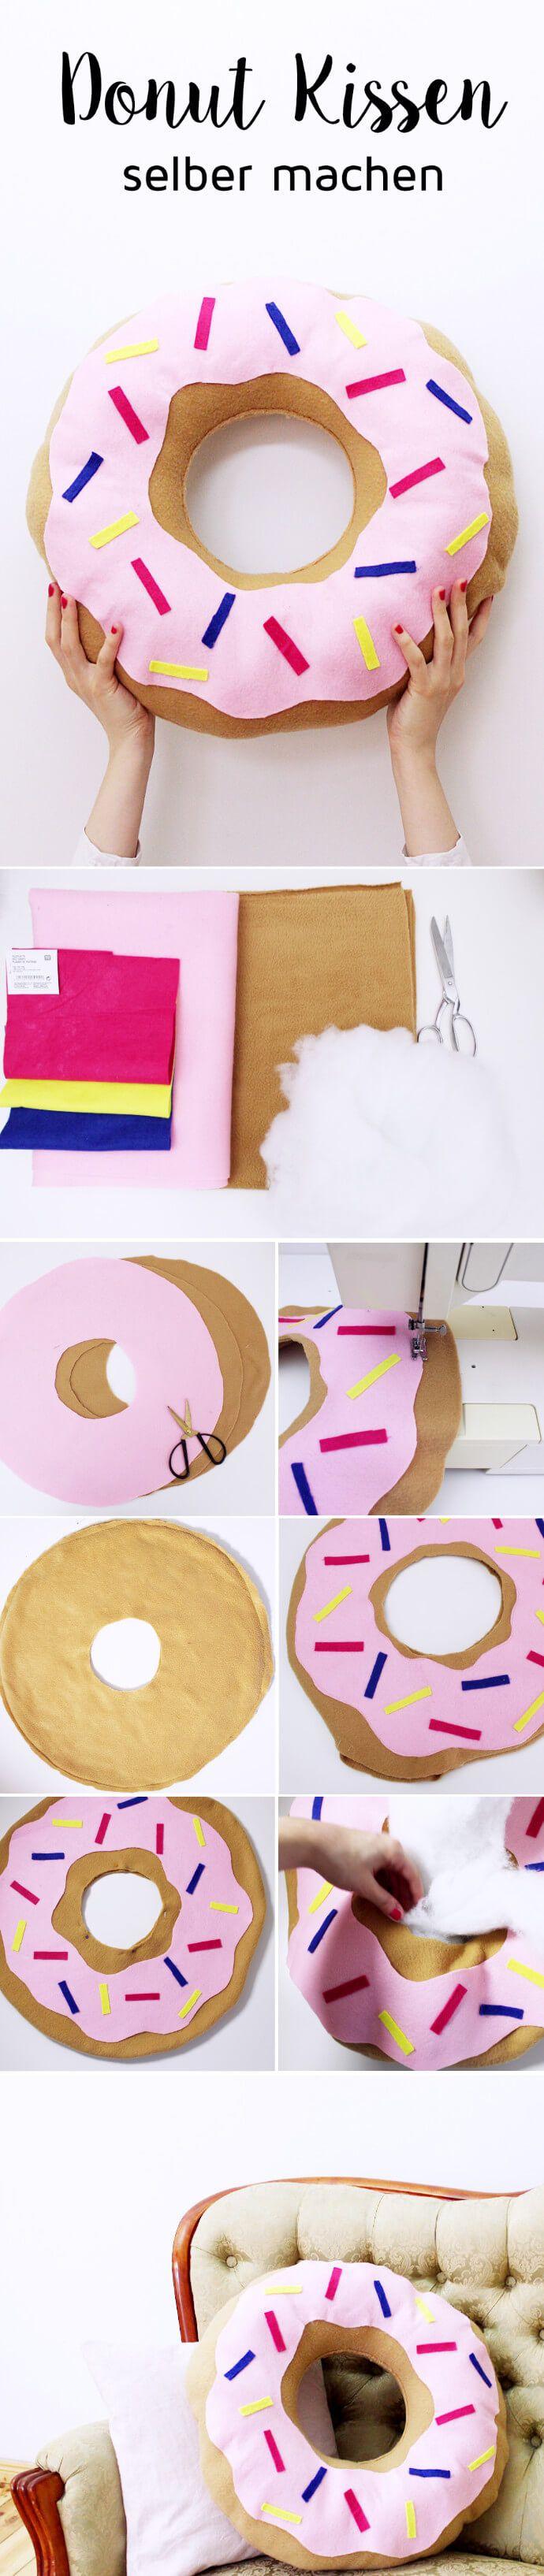 DIY Donut Kissen selber machen: Heute zeige ich euch eins meiner Lieblings-Projekte: Ein selbstgemachtes Kissen im Donut-Style. Ist das nicht eine super süße Idee? Ihr wisst ja, ich bastele am liebsten mit Donuts und habe schon meine eigene Donut Seife, Donut Duftkerzen und natürlich auch essbare Galaxy Donuts selbst gemacht. Ein DIY Donut Kissen stand schon ewig auf meiner To-Do Liste und ich bin umso glücklicher, es endlich in Angriff genommen zu haben!